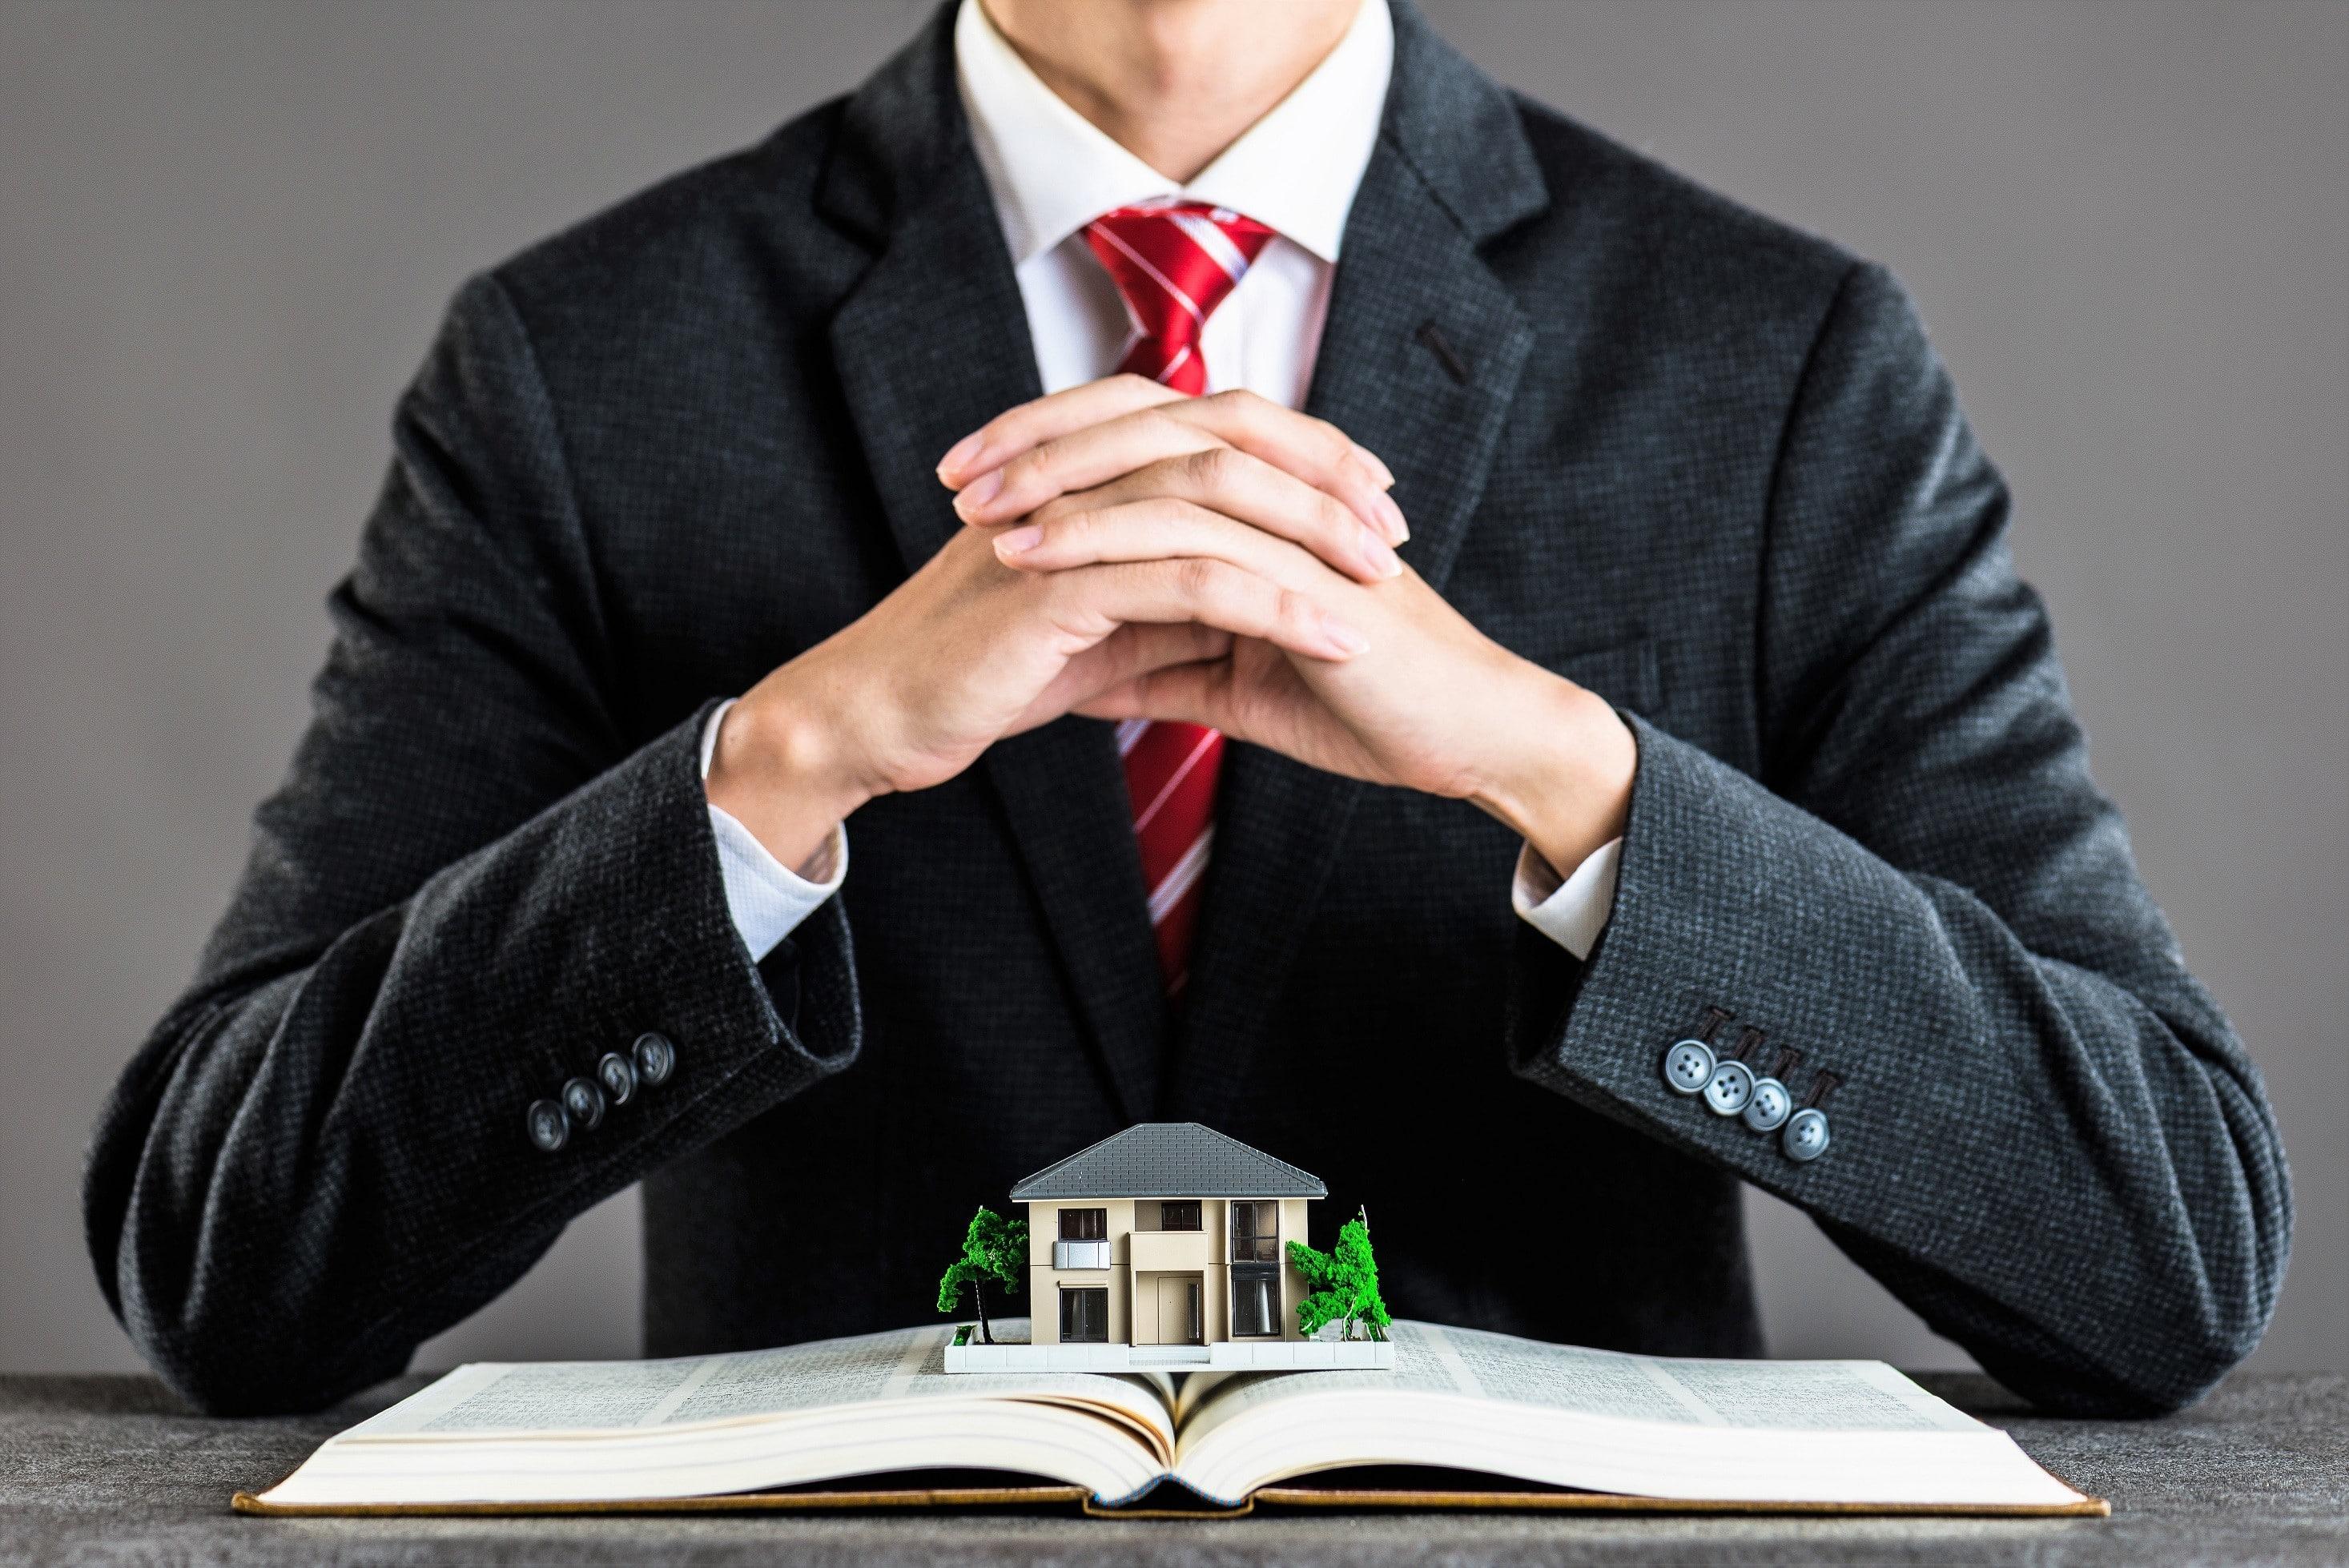 مناسب ترین راه برای پیدا کردن وکیل متخصص و مجرب ملکی و استفاده از خدمات آن چیست؟